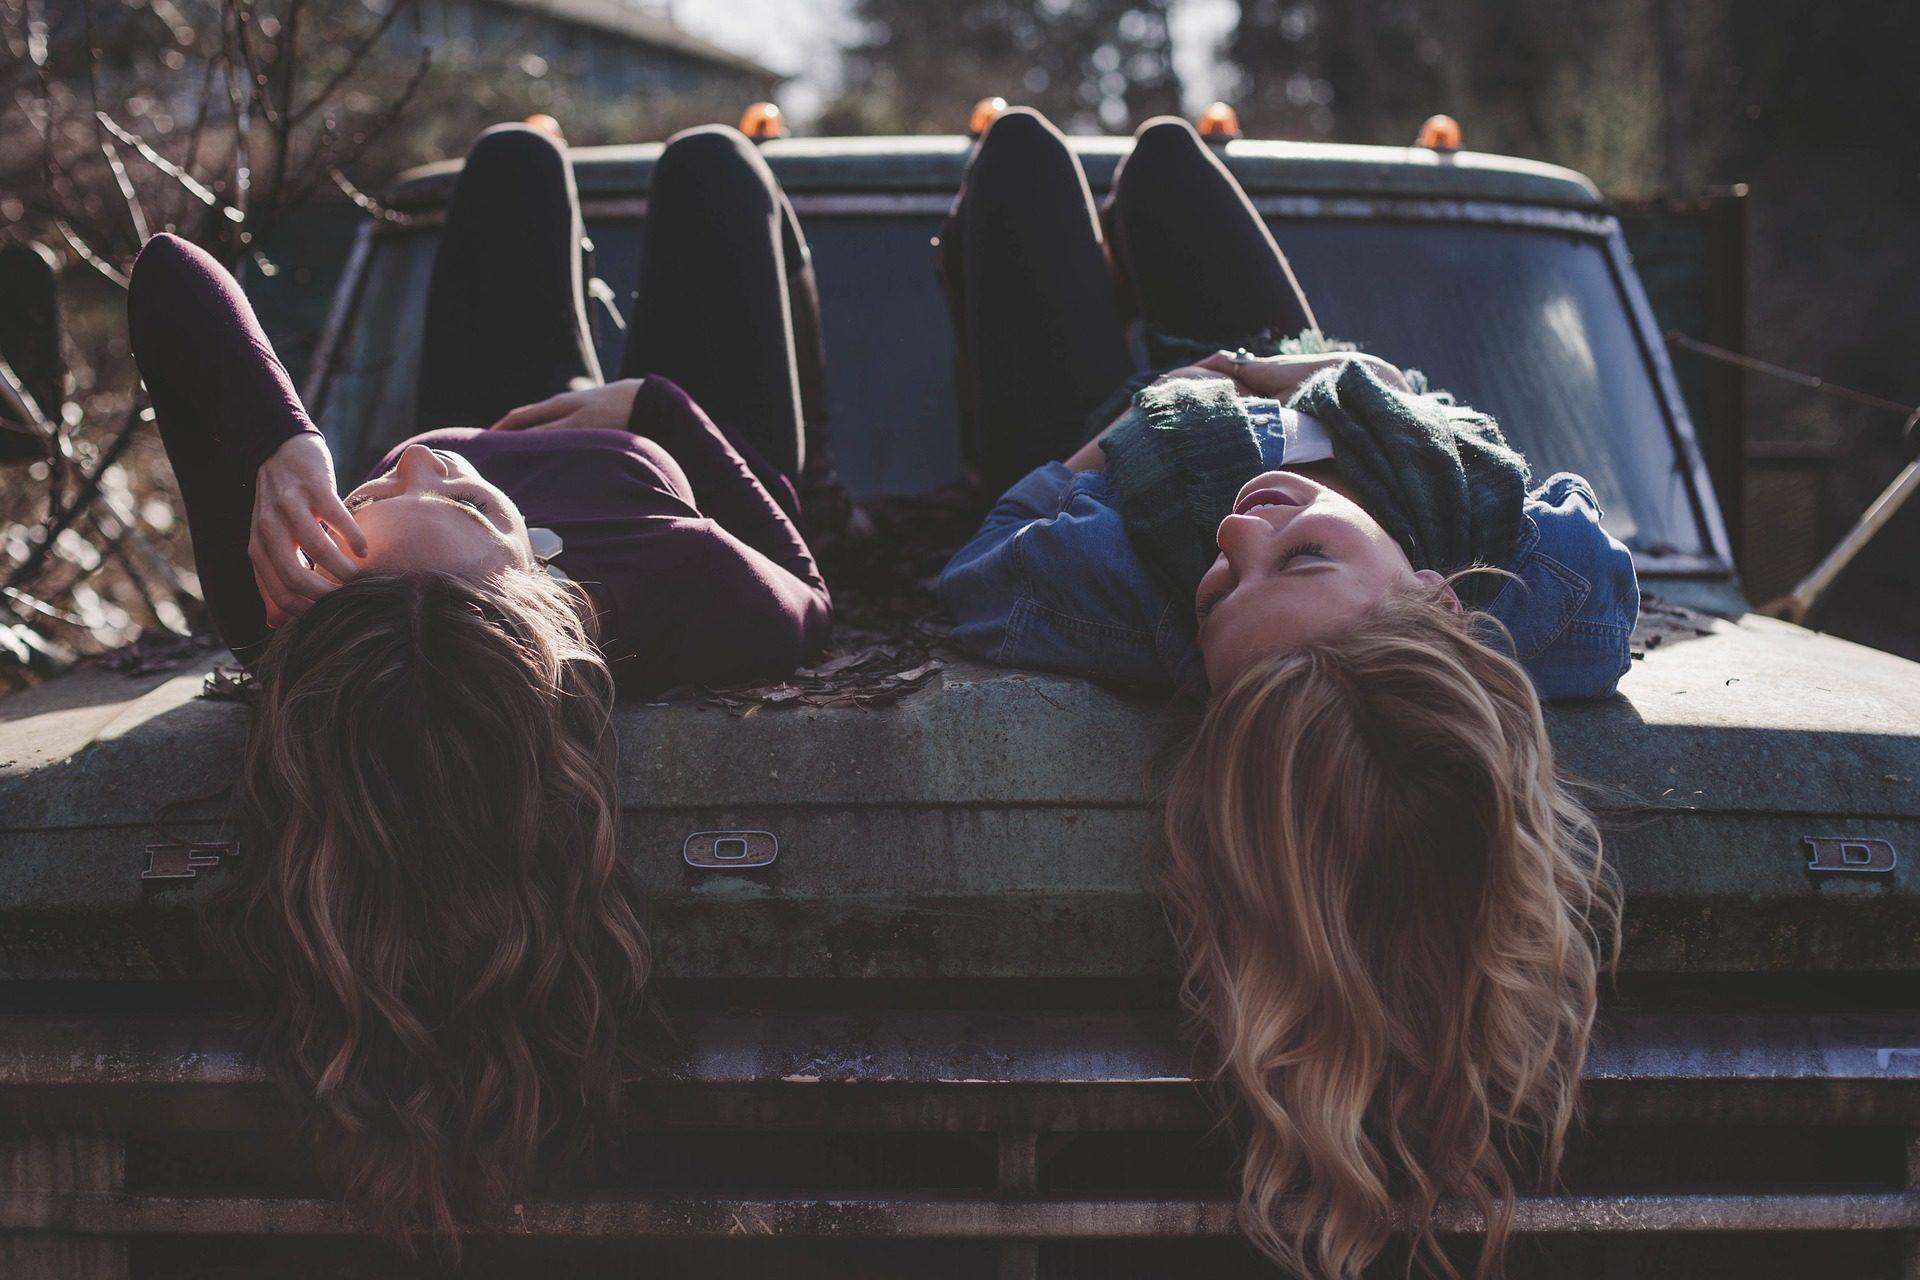 donne, amici, conversazione, auto, viejo, vecchio, sporco - Sfondi HD - Professor-falken.com